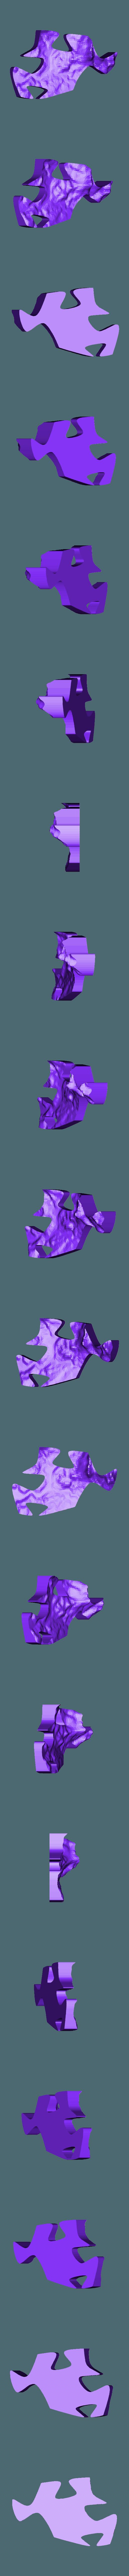 59.stl Télécharger fichier STL gratuit Echelle épique - Terrain - Zion NP • Objet à imprimer en 3D, TCP491016